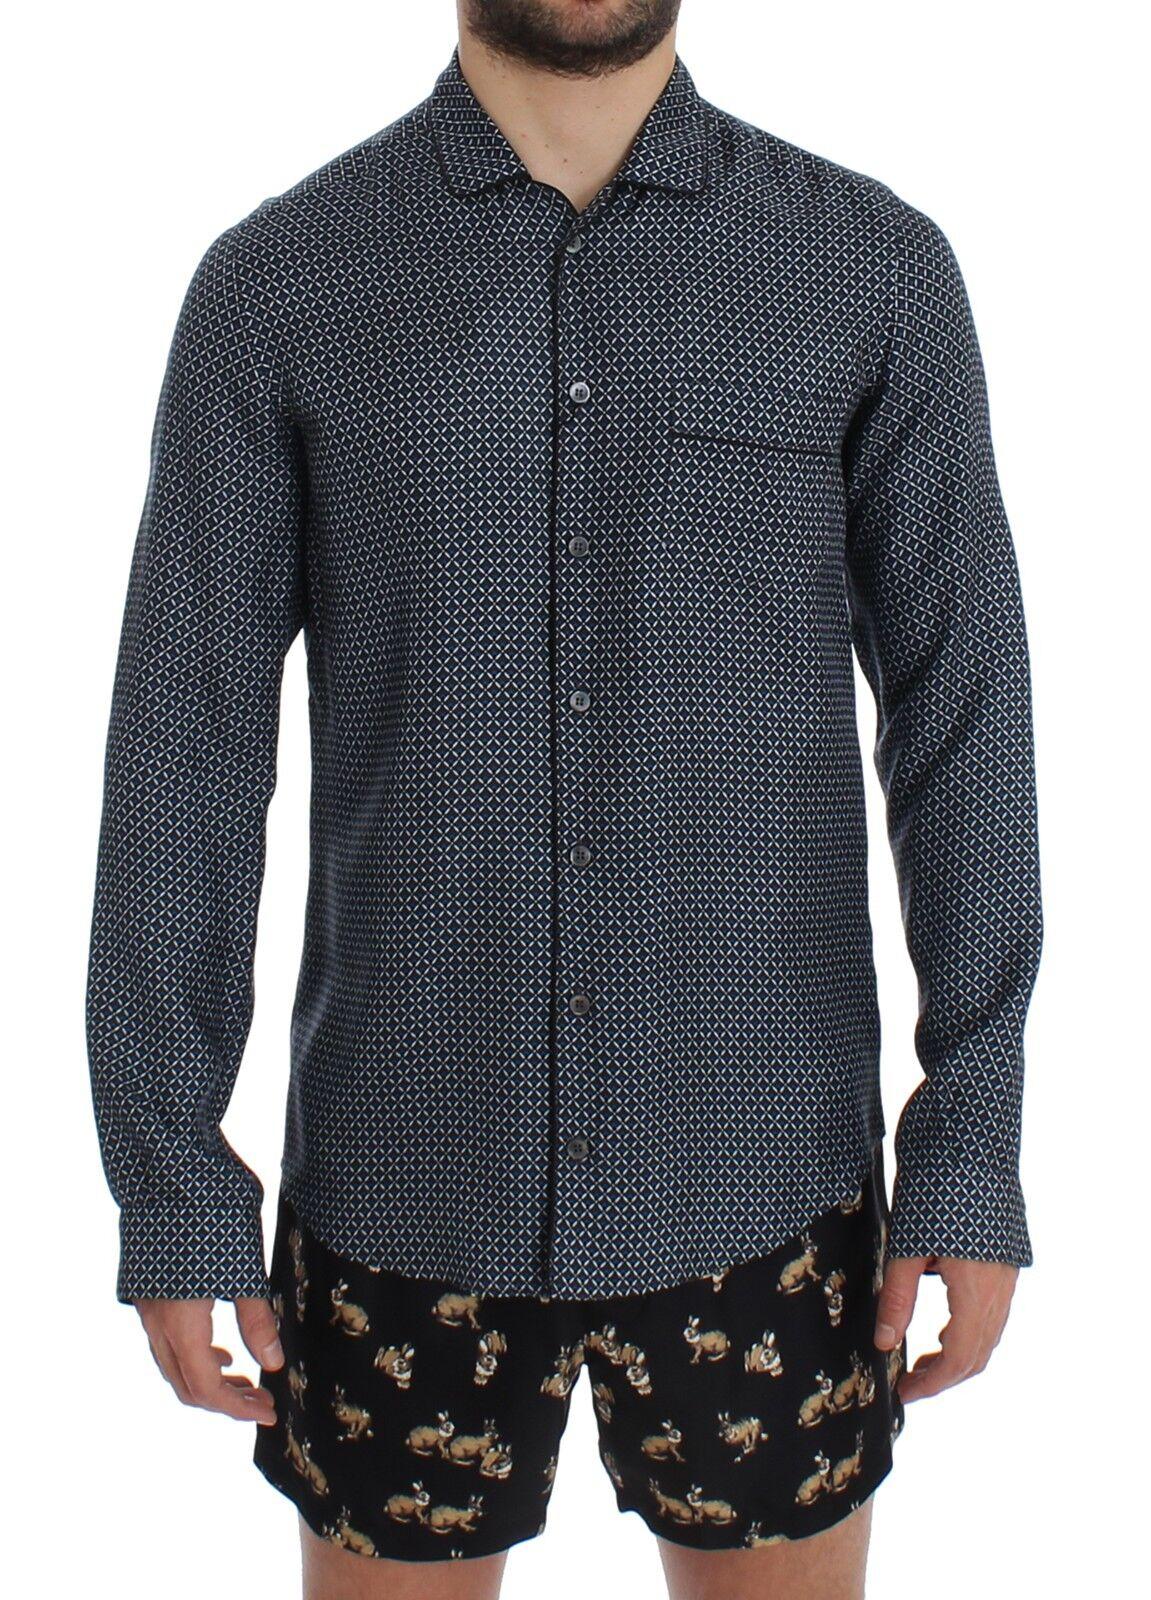 Nuovo Dolce & Gabbana Blu Motivo di Seta con Stampa Pigiama Camicia